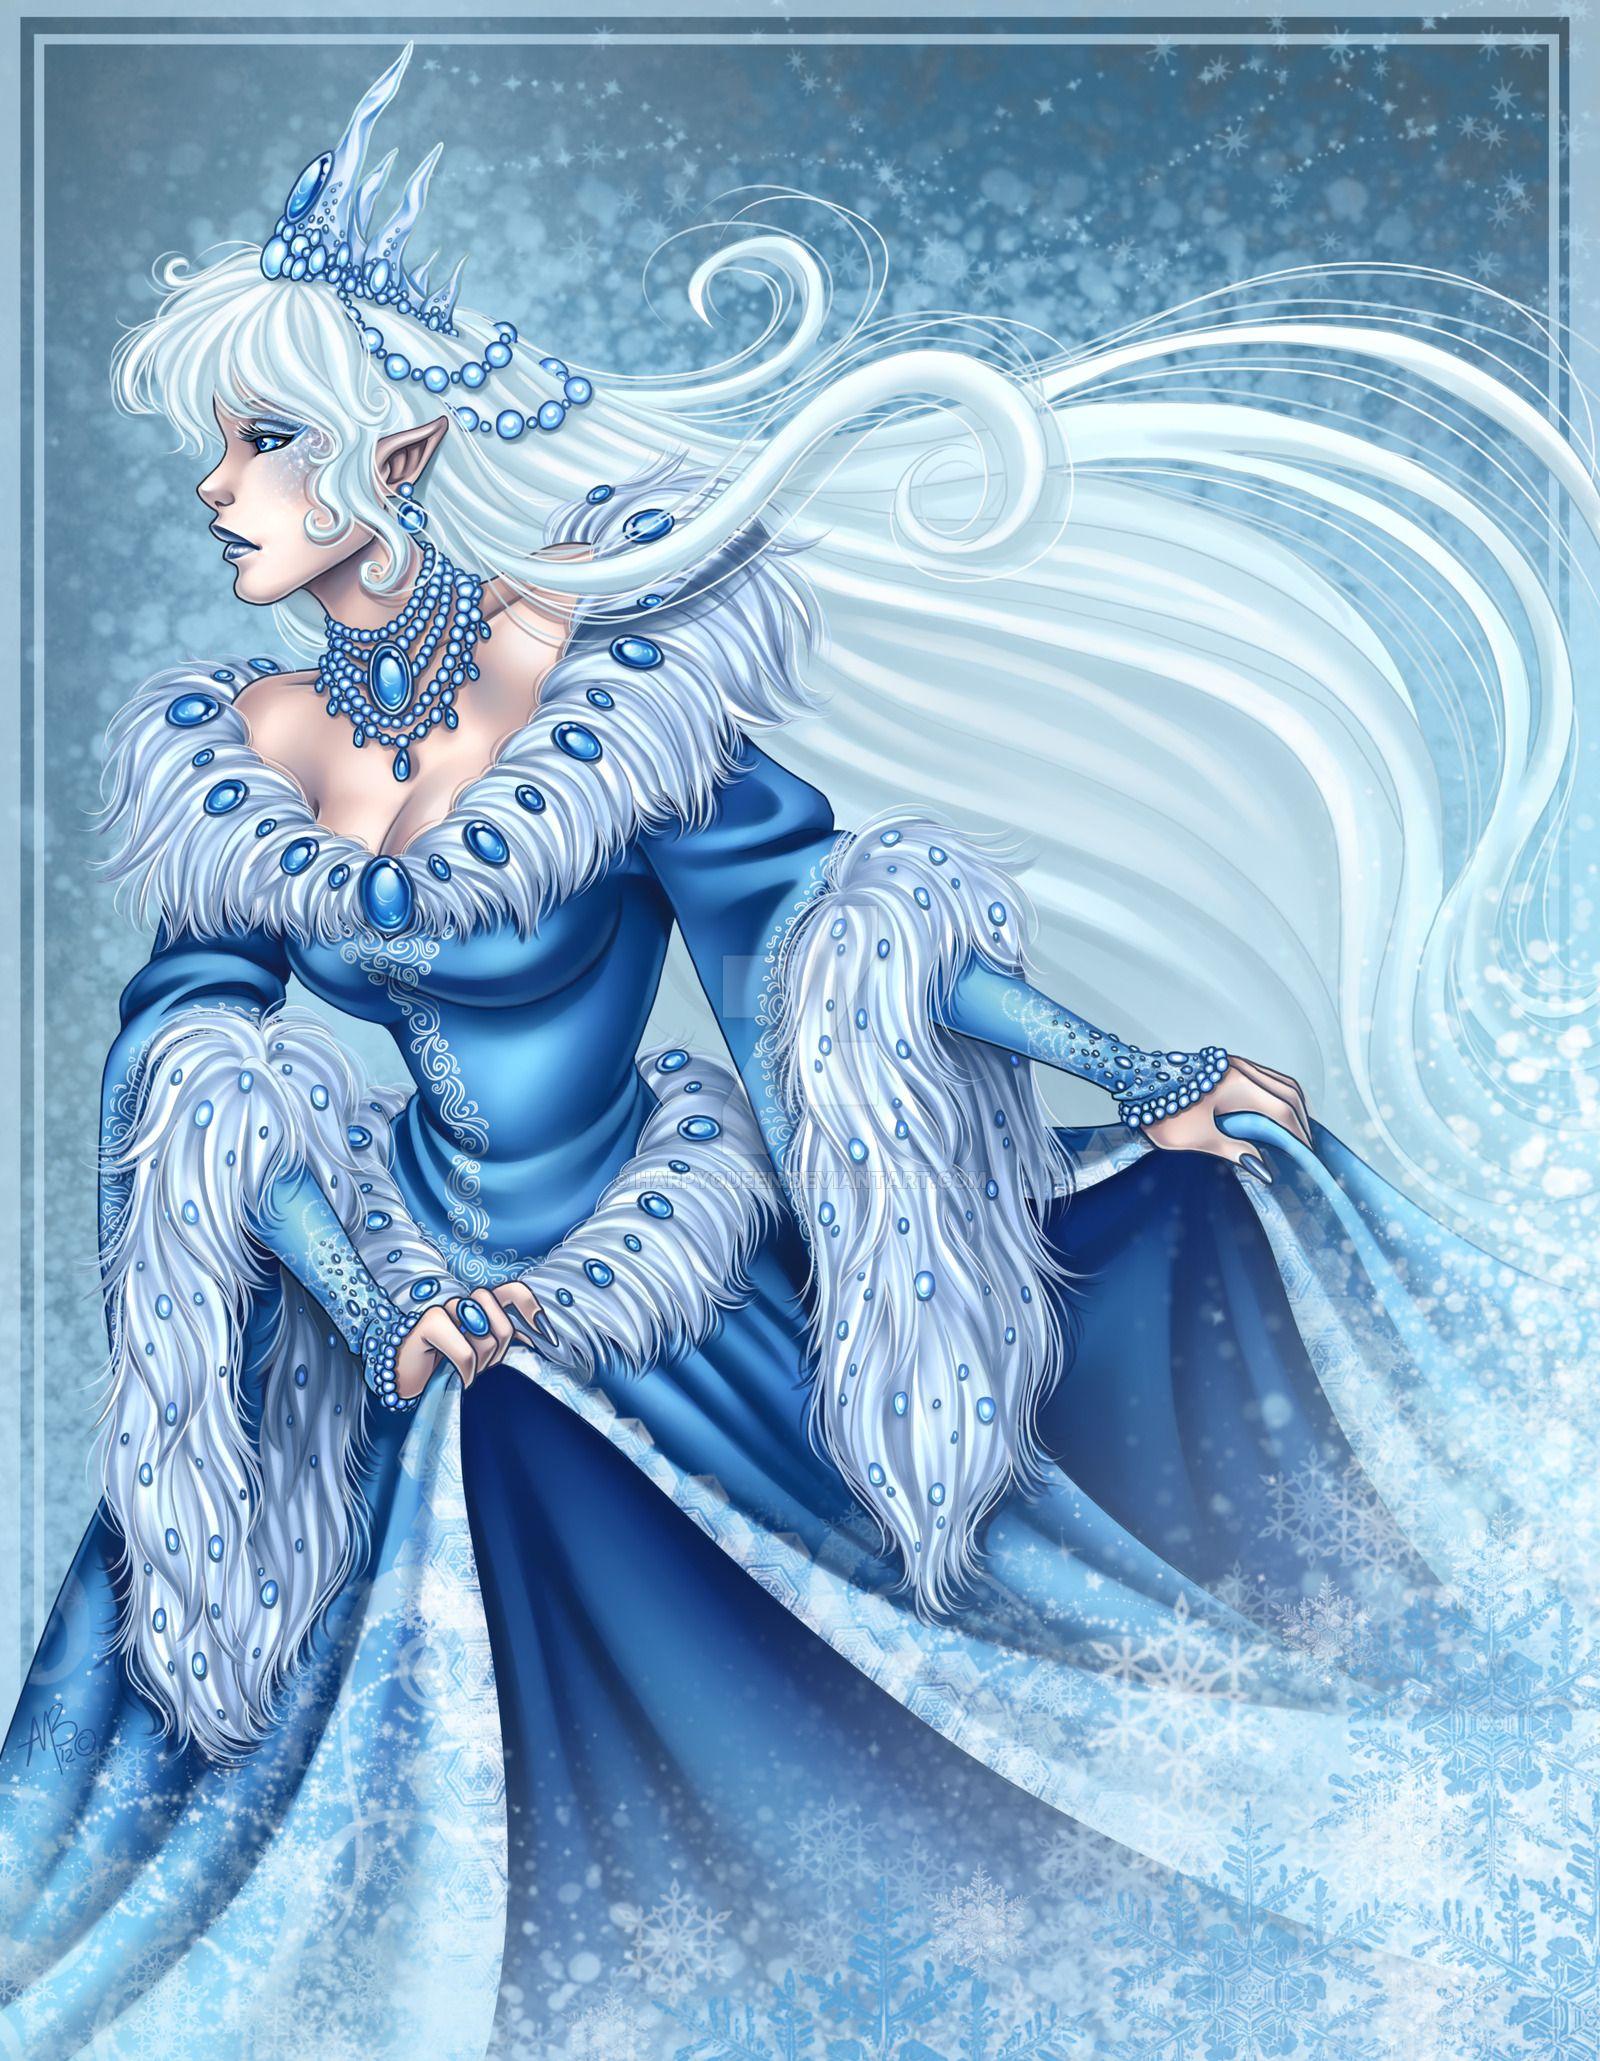 Snow Queen Elf of Winter Snow queen, Deviantart fantasy